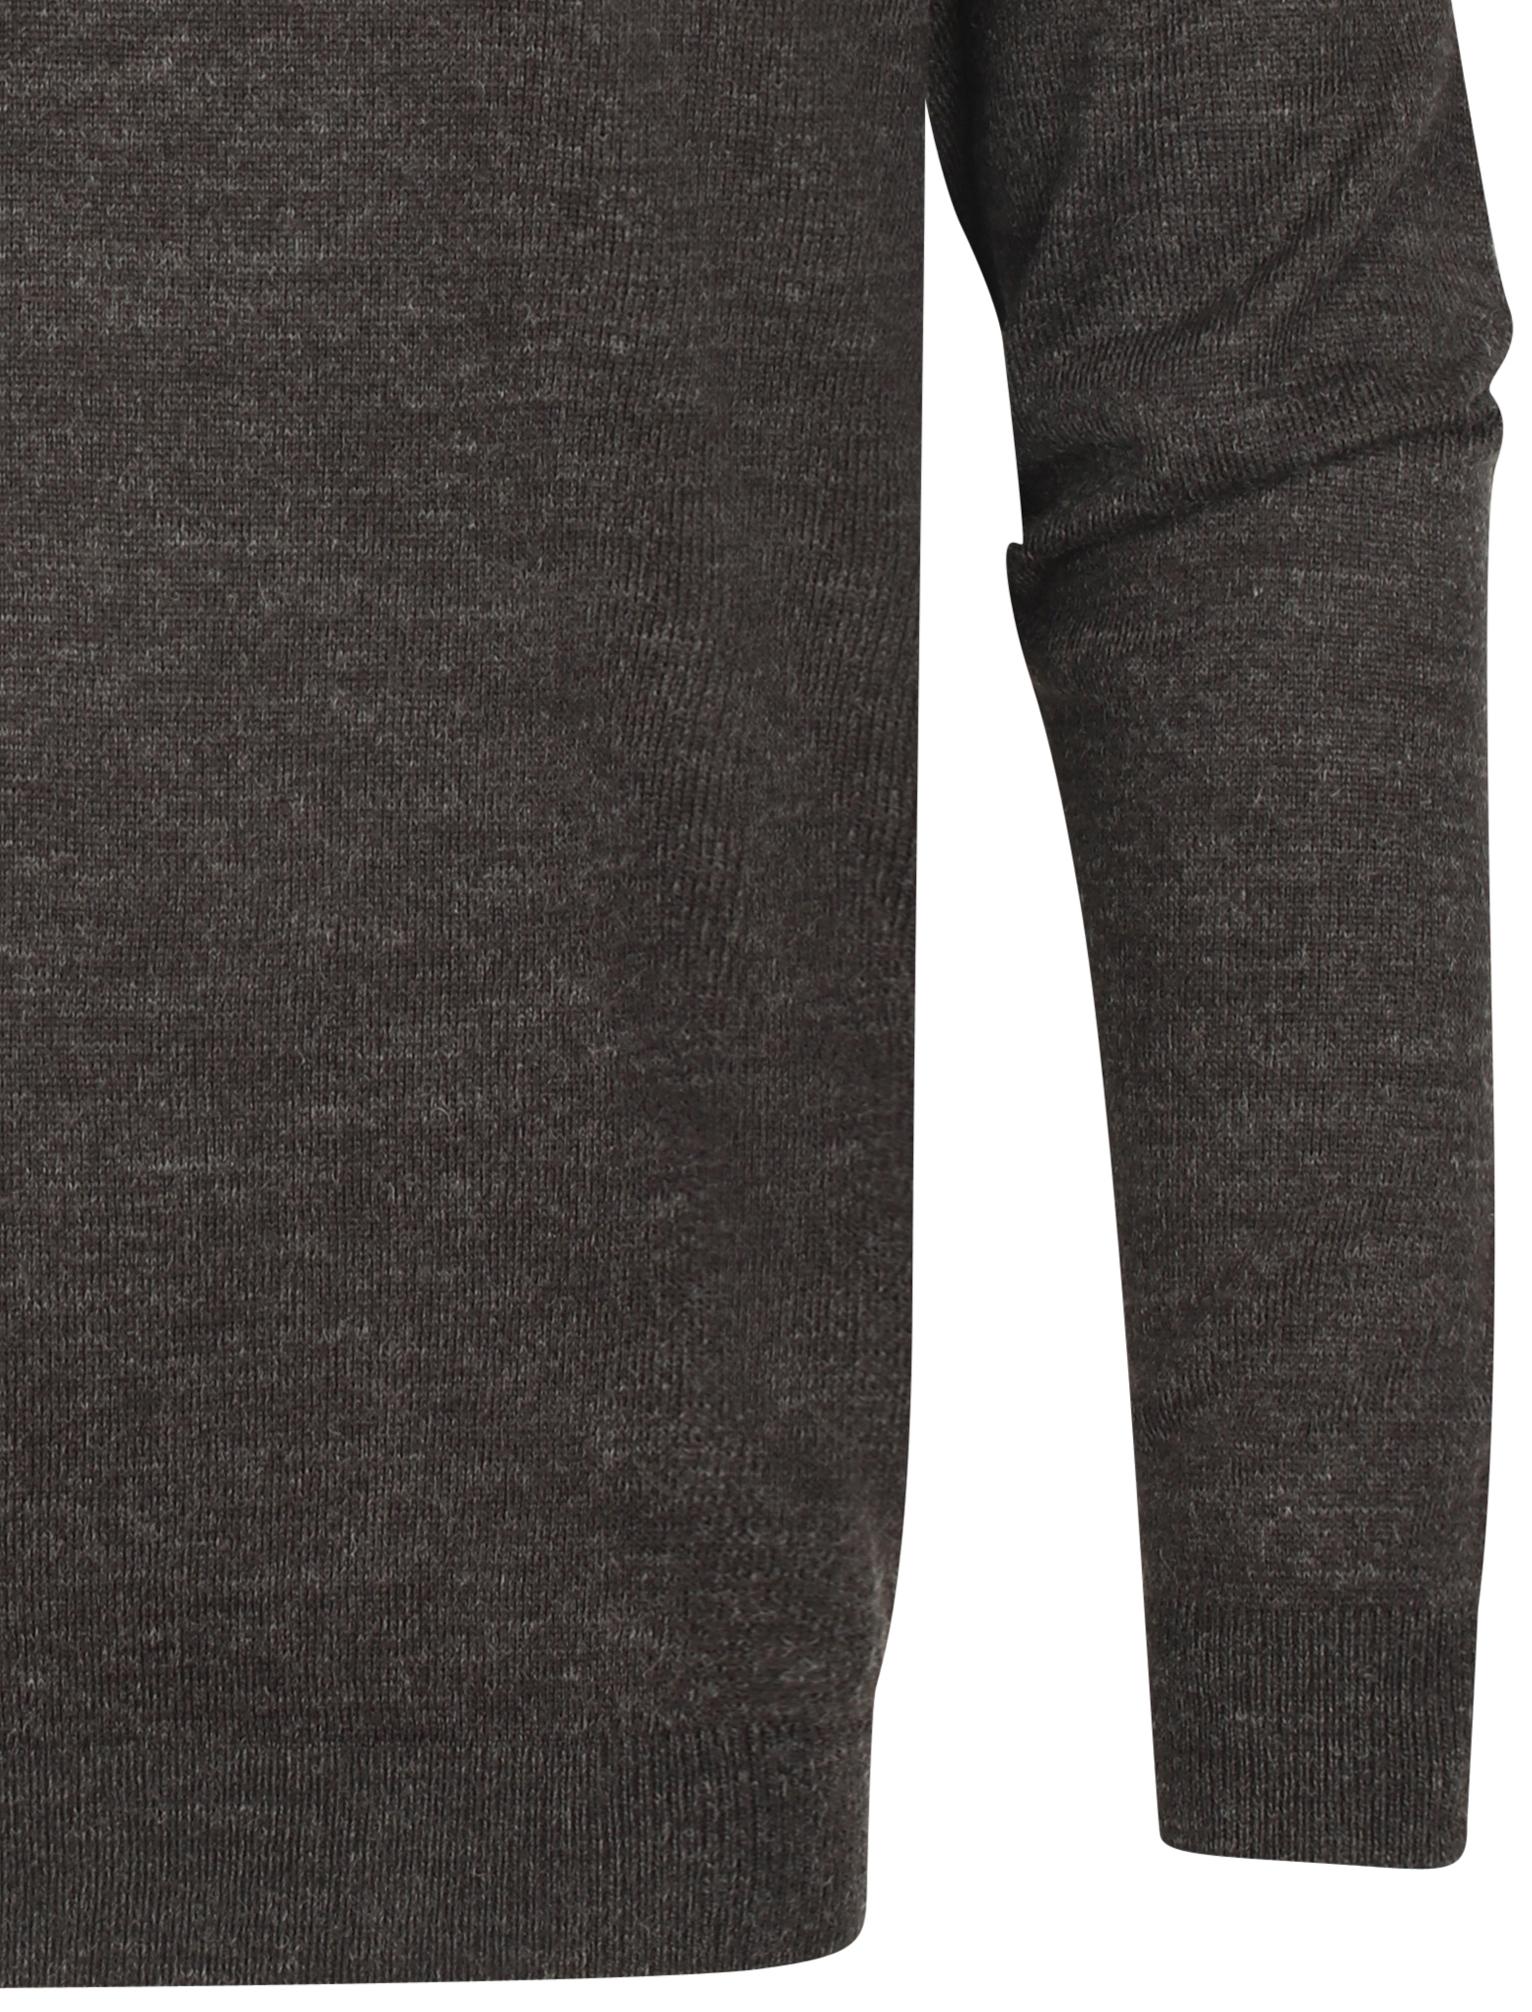 Kensington-Eastside-Men-039-s-Knitted-Crew-or-V-Neck-Jumper-Sweater-Top-Pullover thumbnail 9